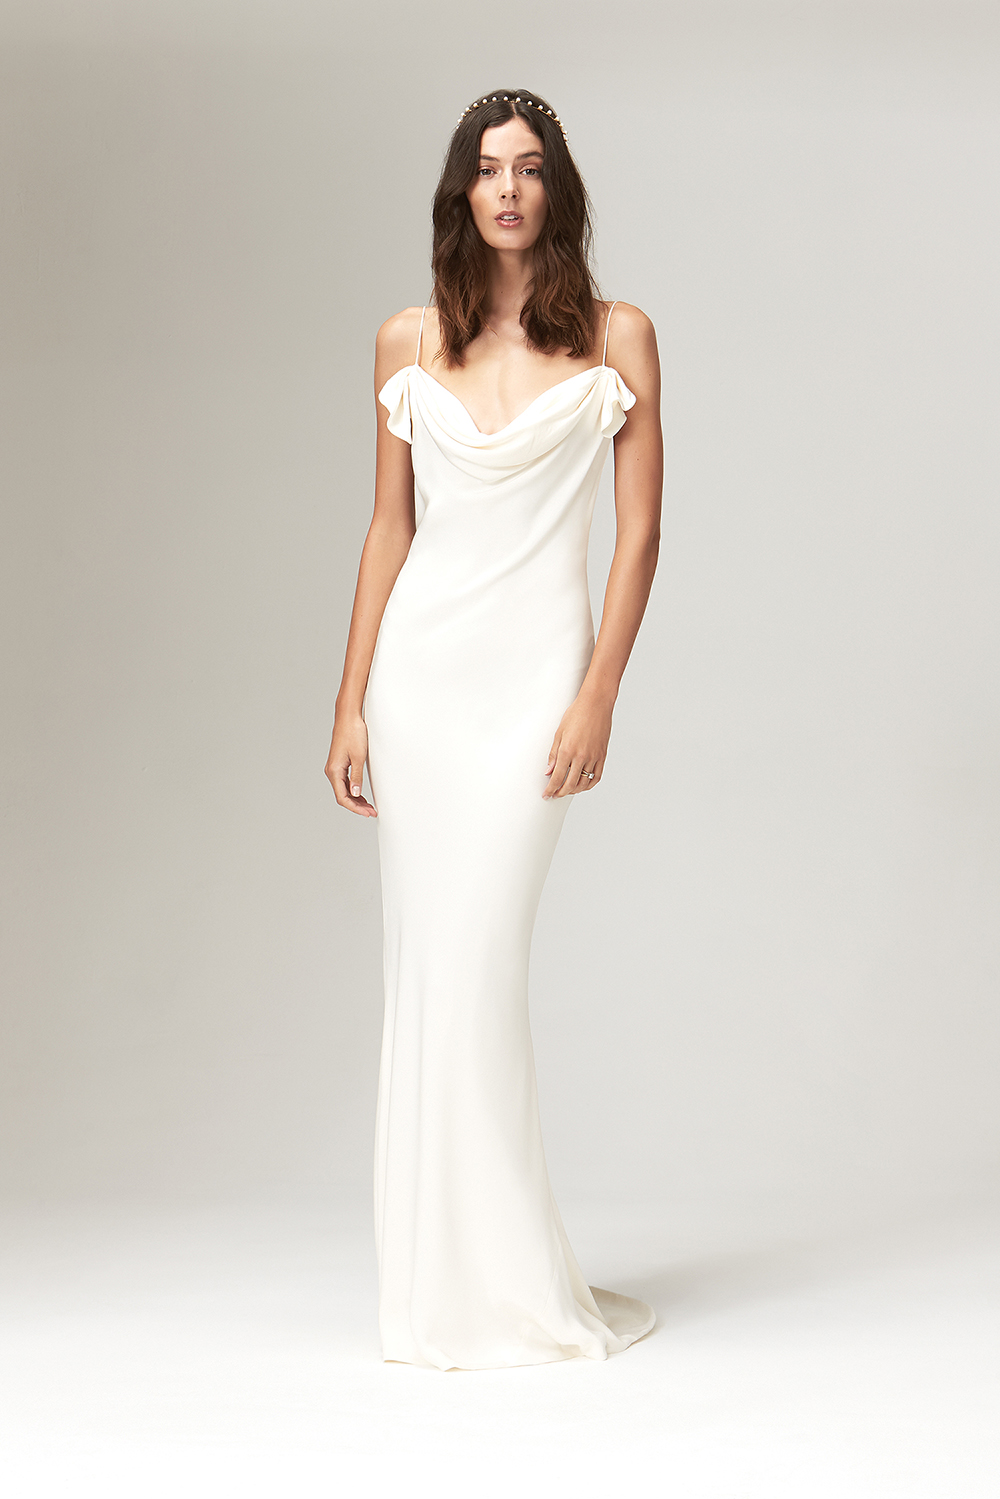 #weddingdress #alternativebride #indiebride #bridalgown #coolbride